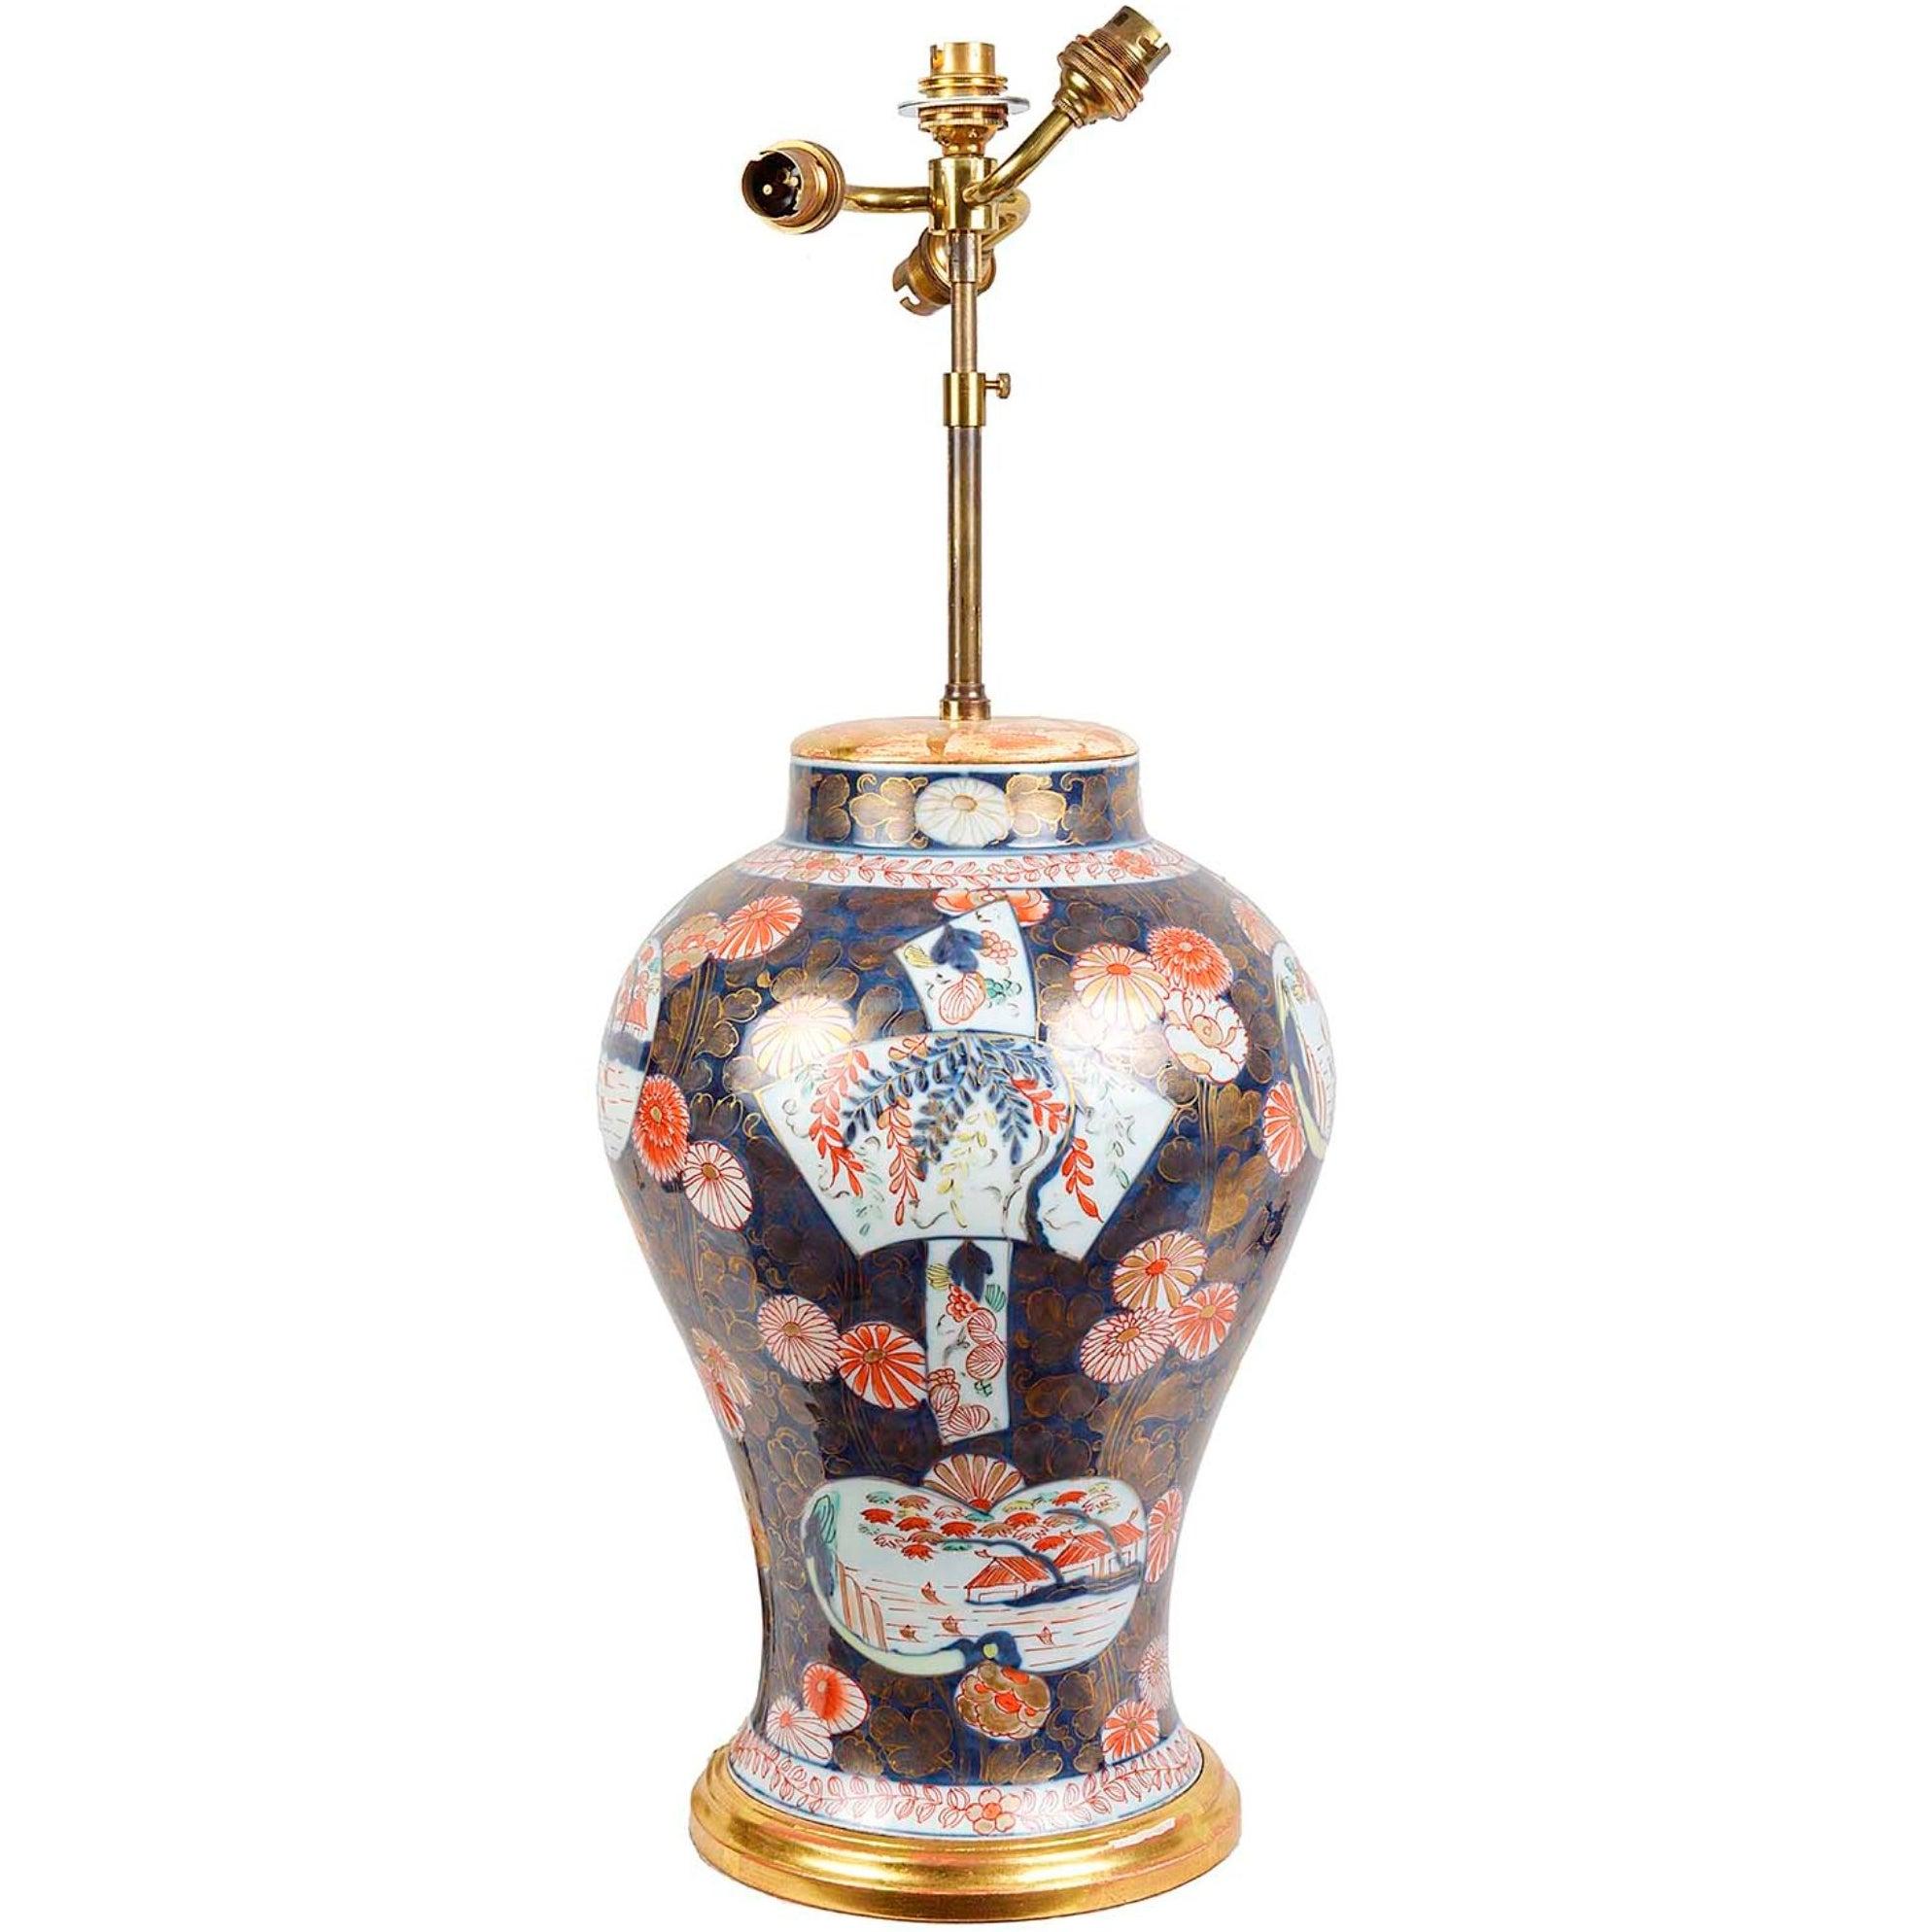 19th Century Imari Vase or Lamp